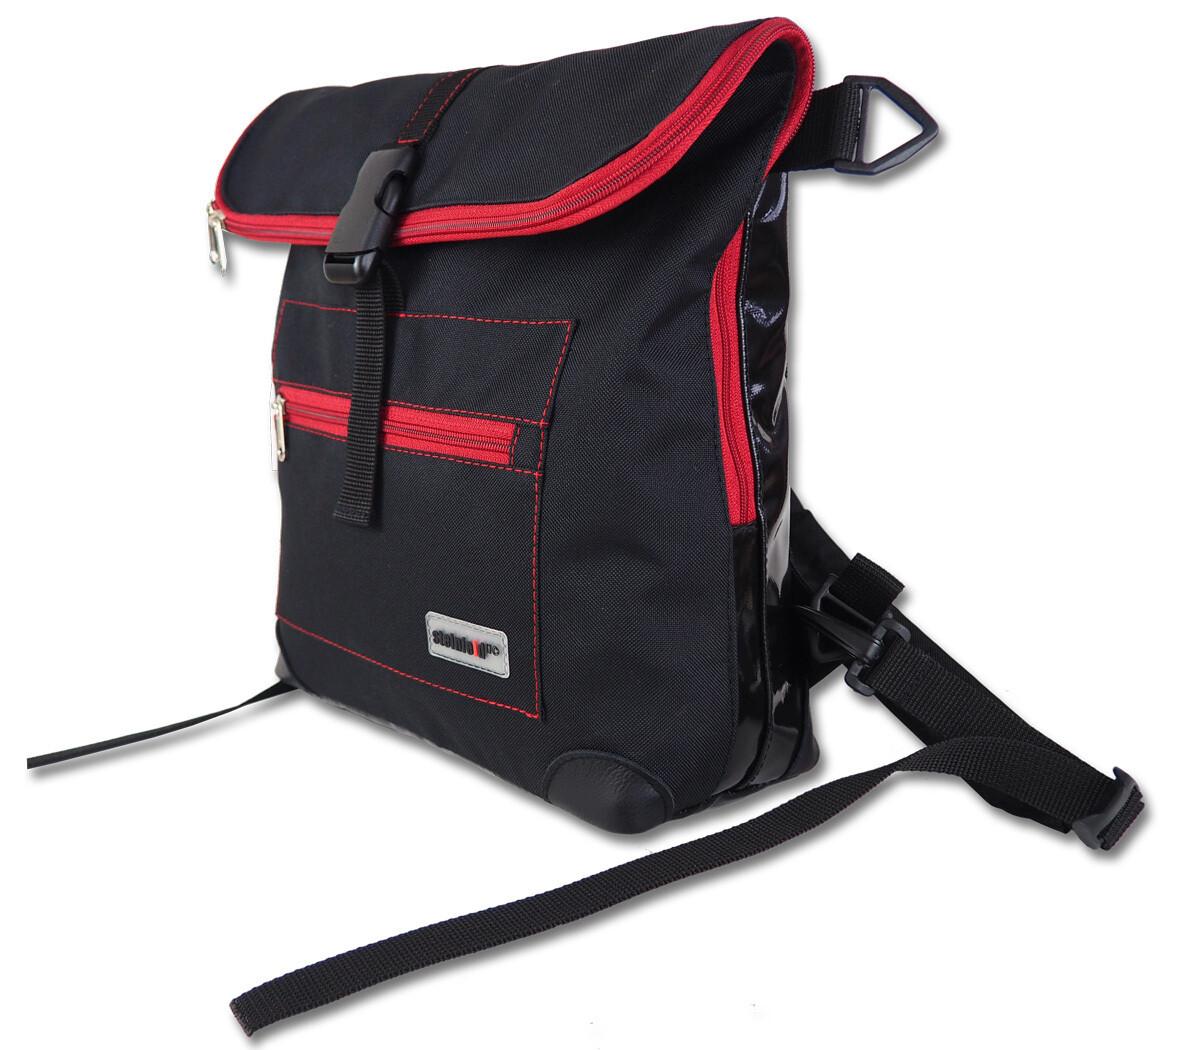 Gepäckträgertasche Radl-Ivy, die Kleine, PES/PVC-Plane-schwarz-schwarz-rot